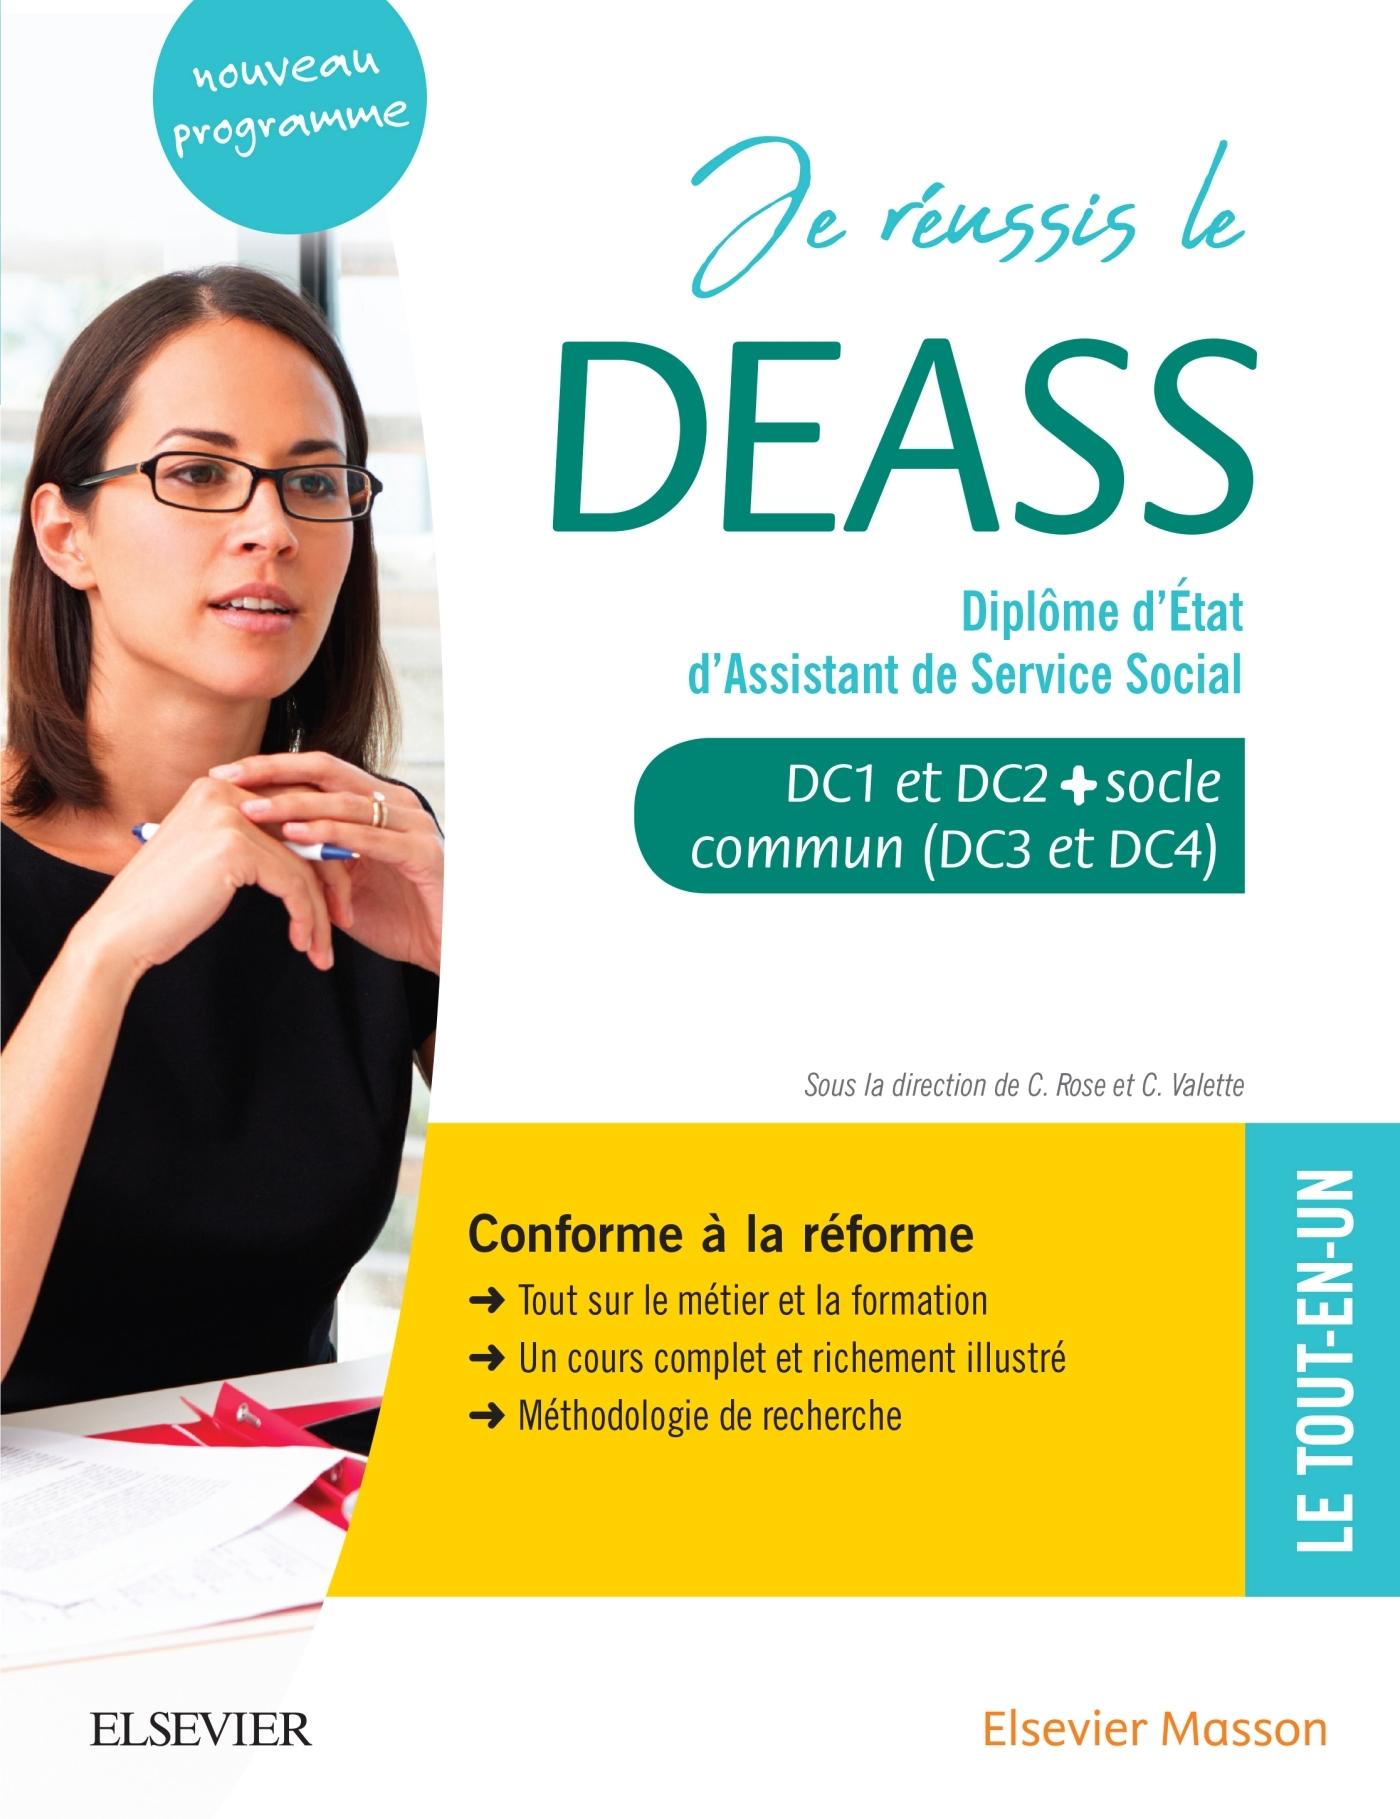 JE REUSSIS LE DEASS. DIPLOME D'ETAT D'ASSISTANT DE SERVICE SOCIAL - SOCLE COMMUN + OPTION. CONFORME